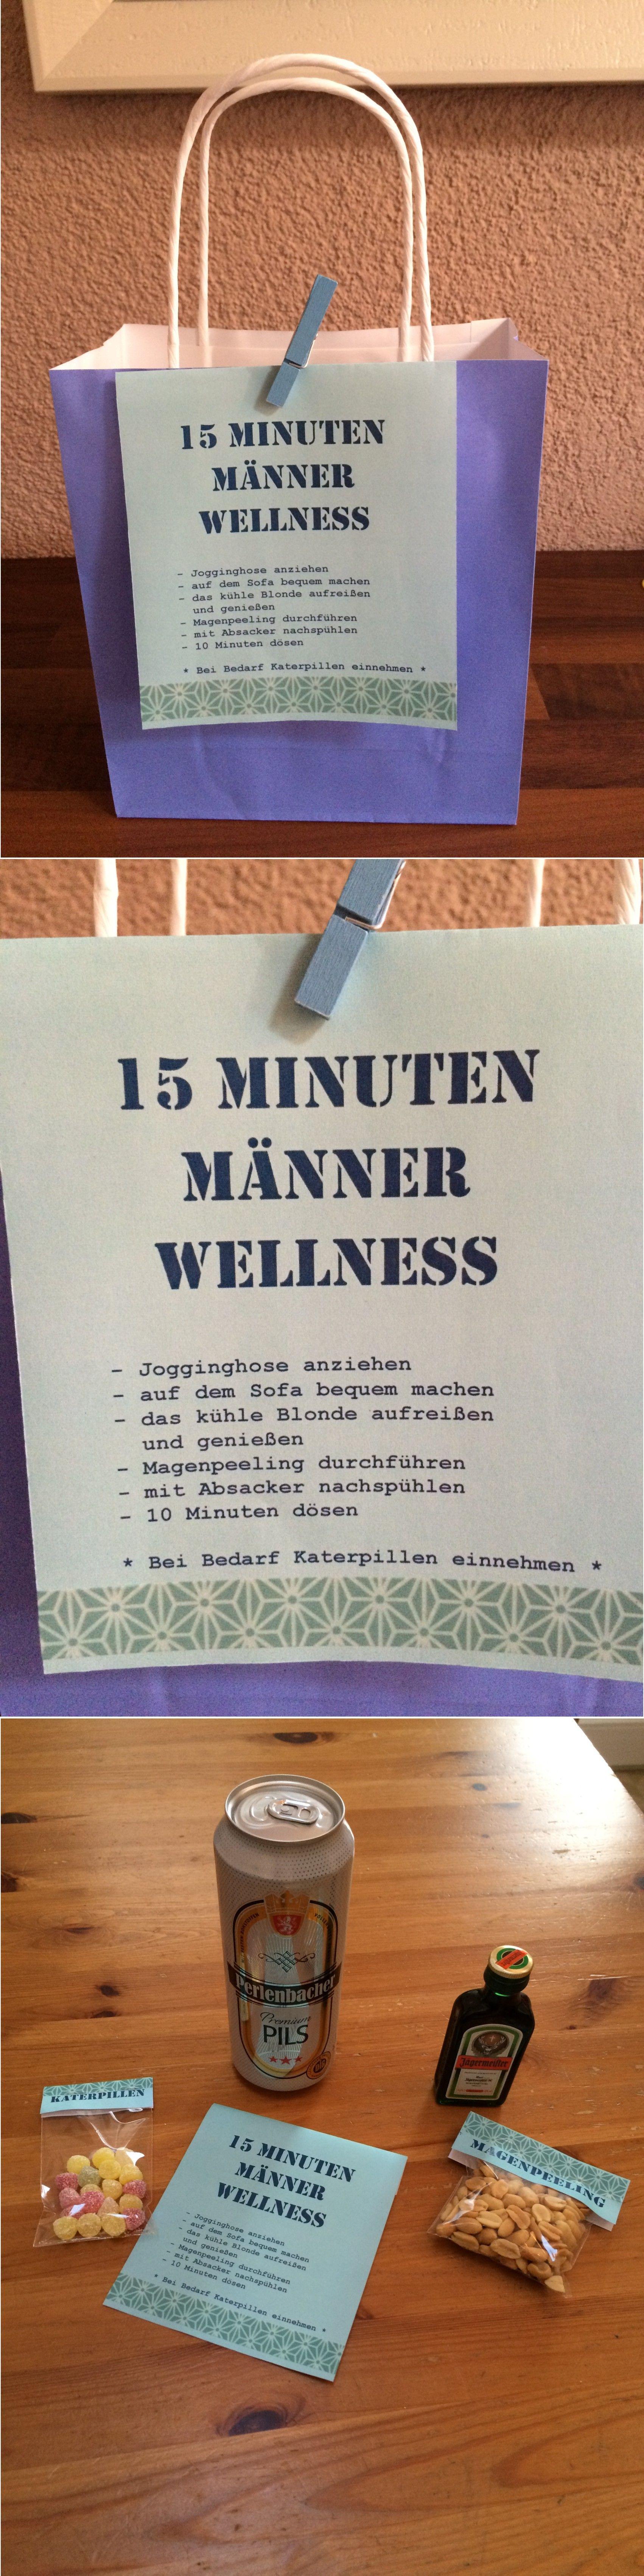 Geschenkideen Für Den Mann  15 Minuten Männer Wellness Geschenkidee für den Mann